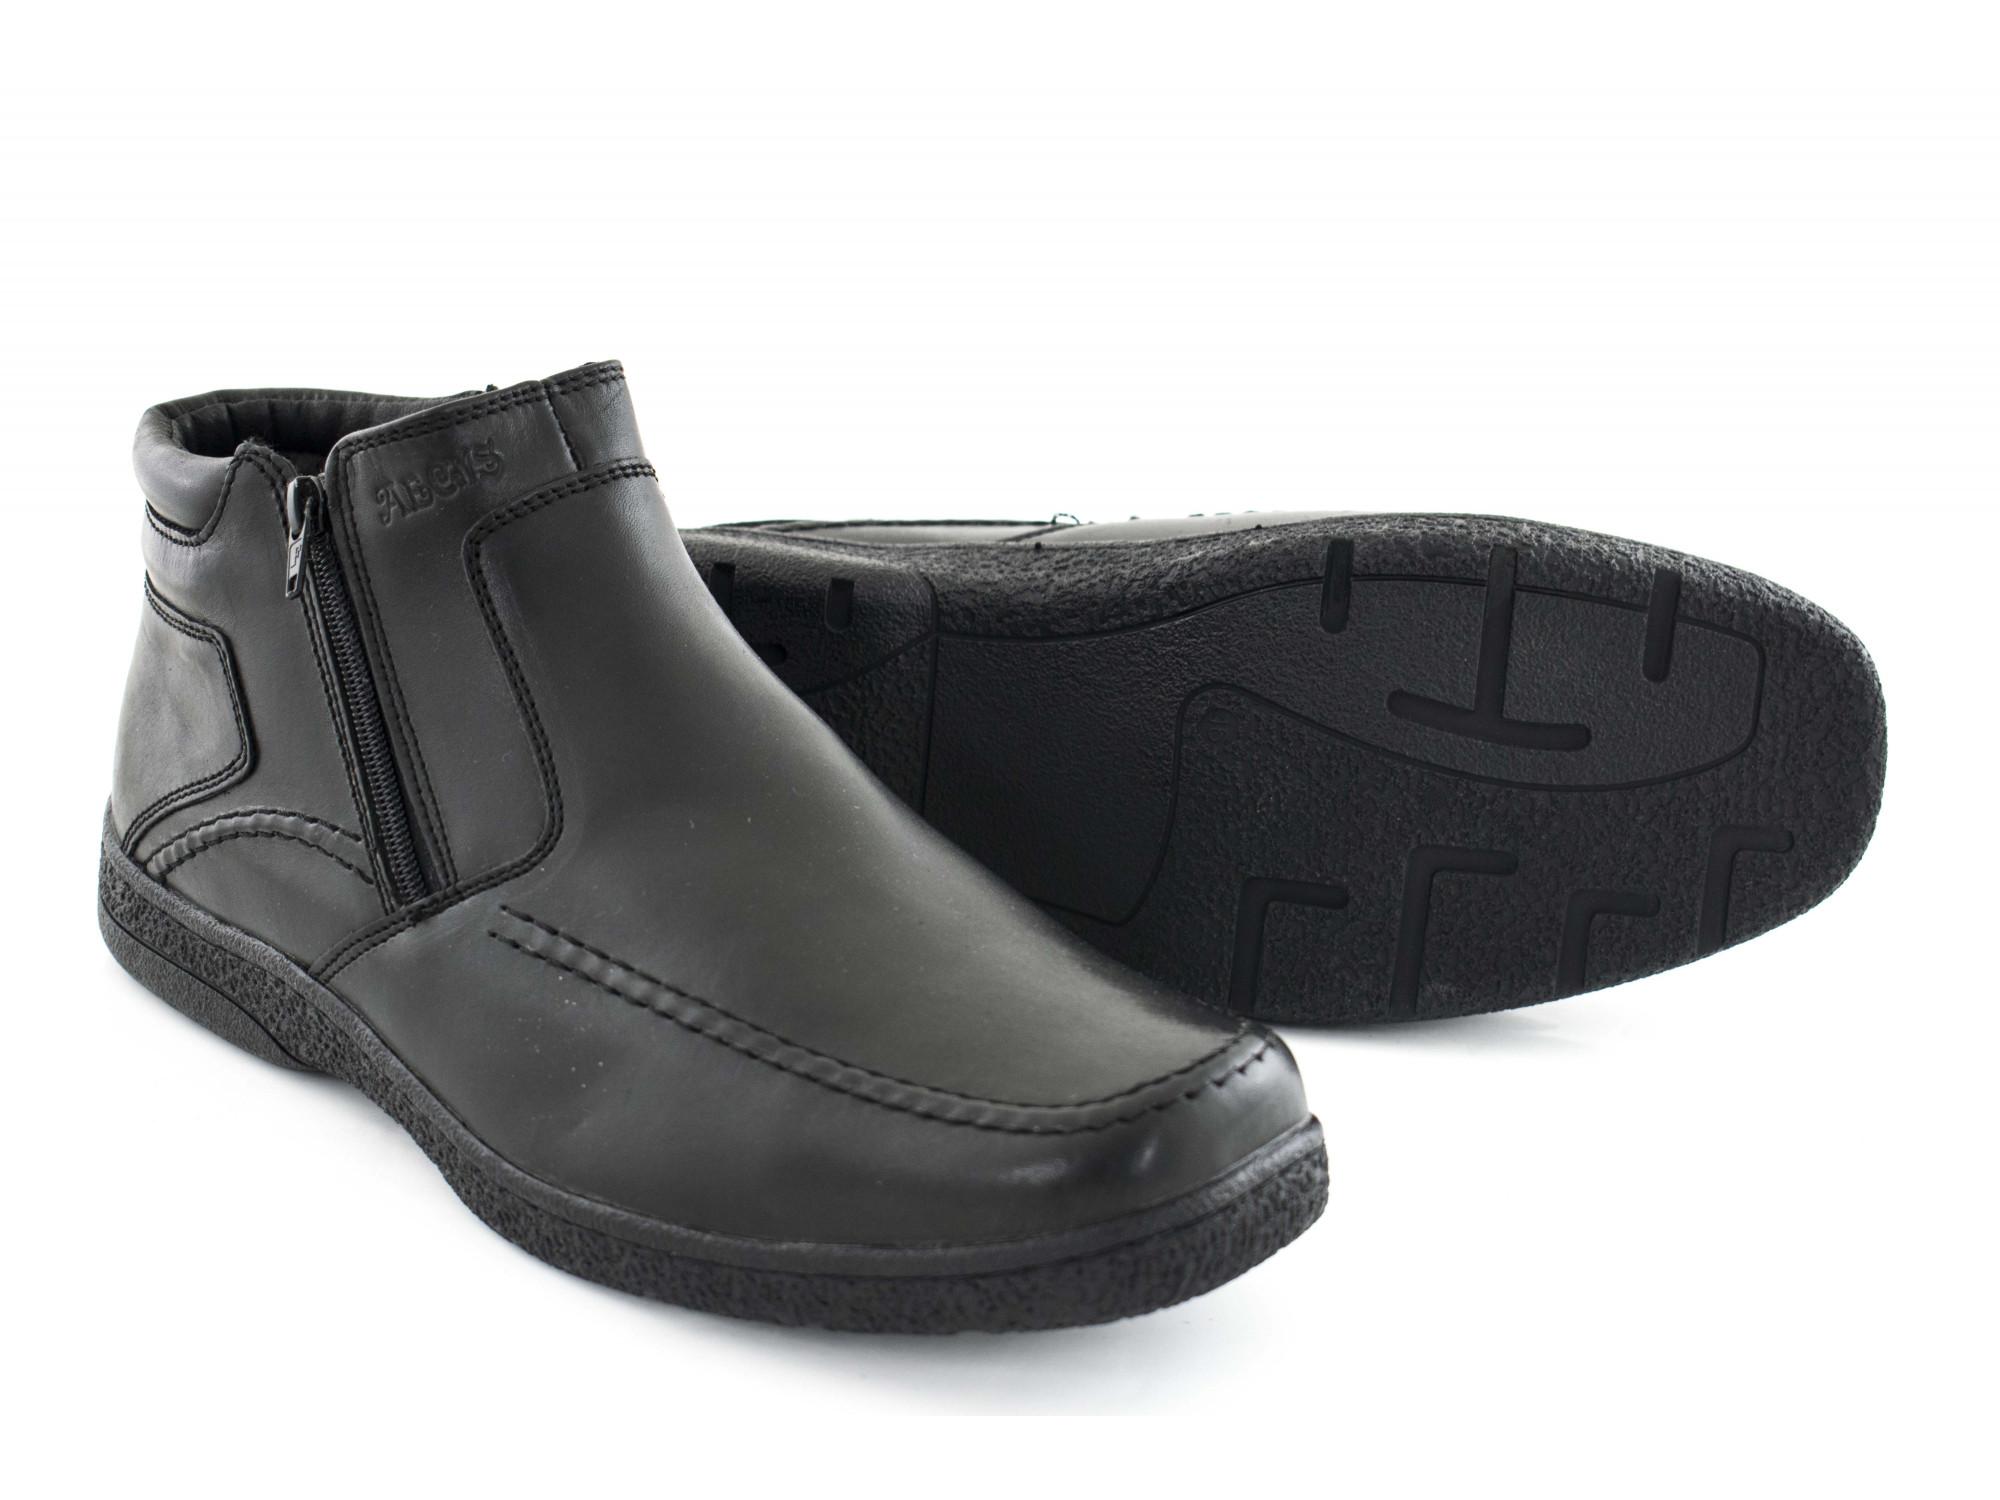 Ботинки Большие Aegis 5085/07-1